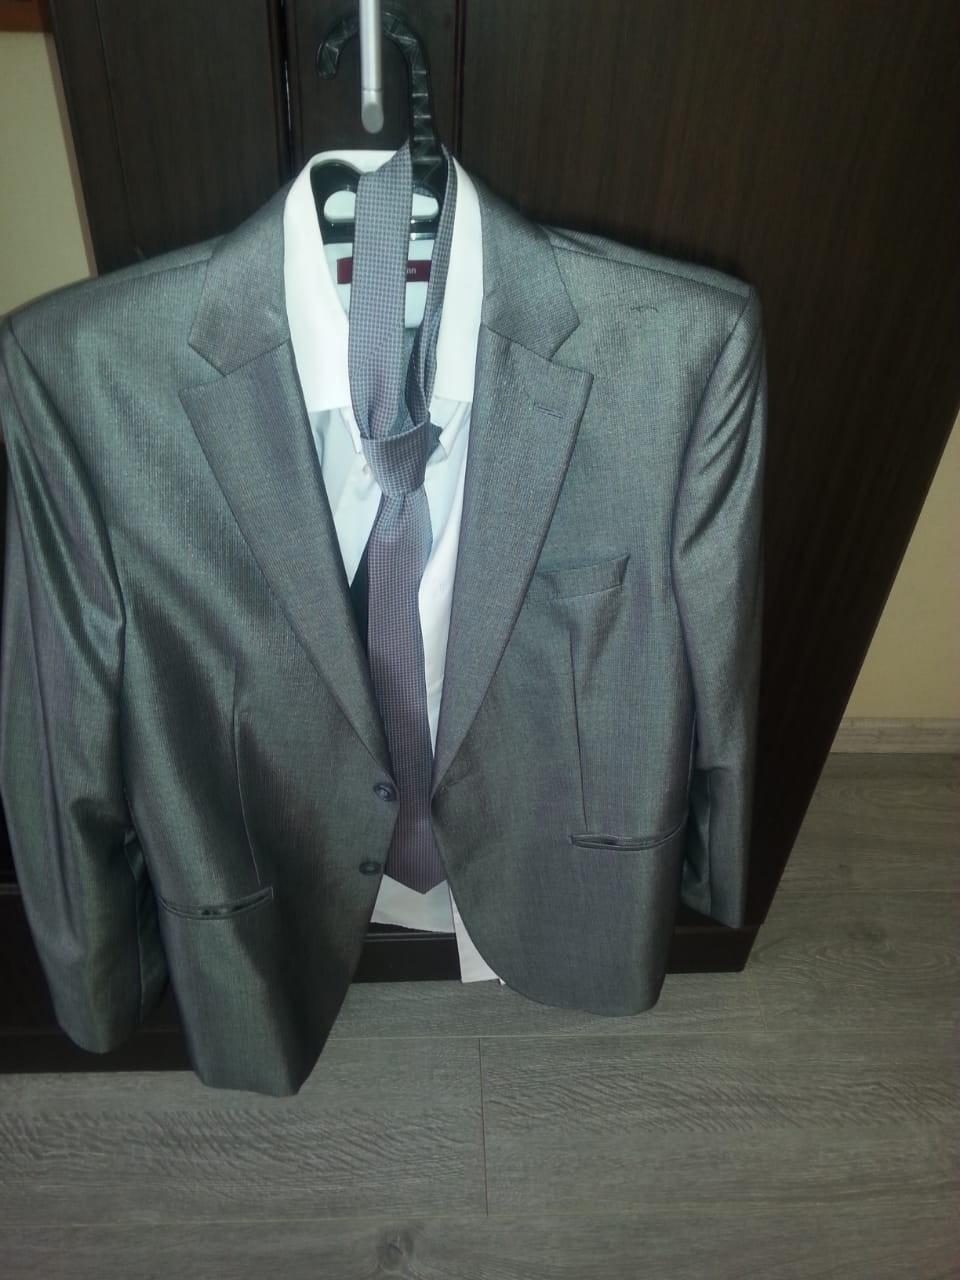 Продам костюм мужской синар рост 170, размер 50-52, одет был один раз галстук и рубашка в комплекте тел.